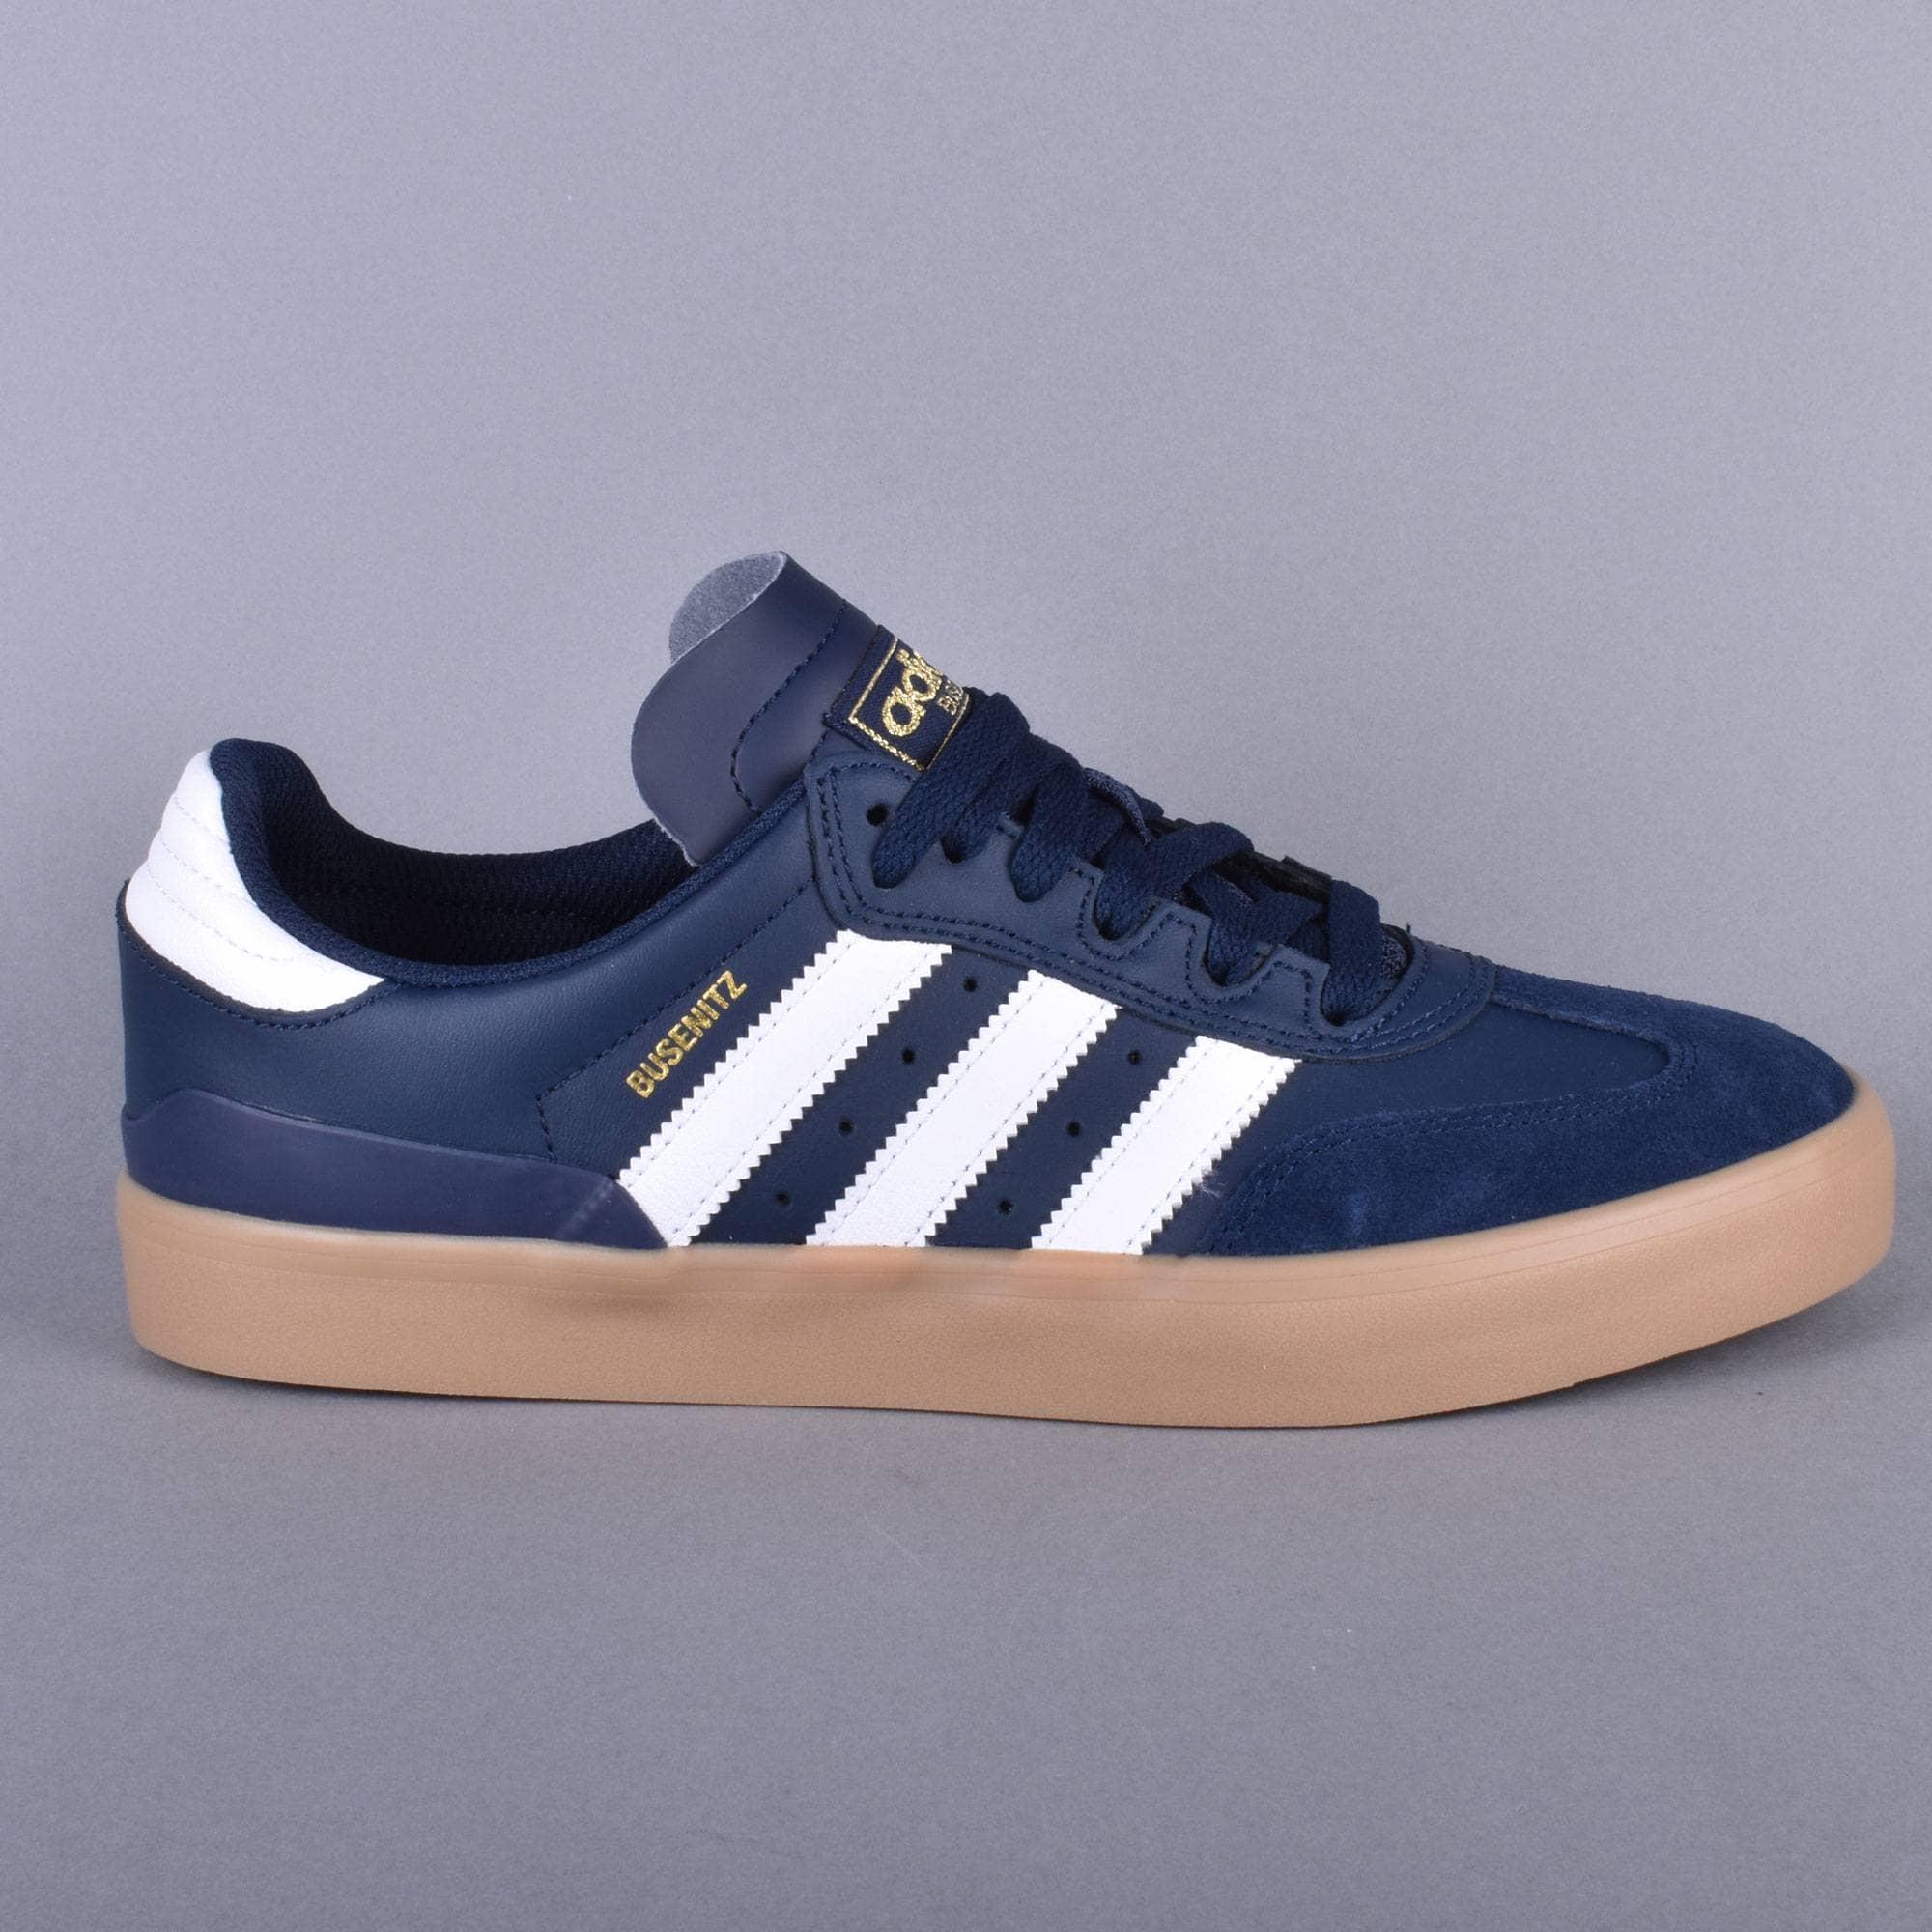 adidas zapatos skate